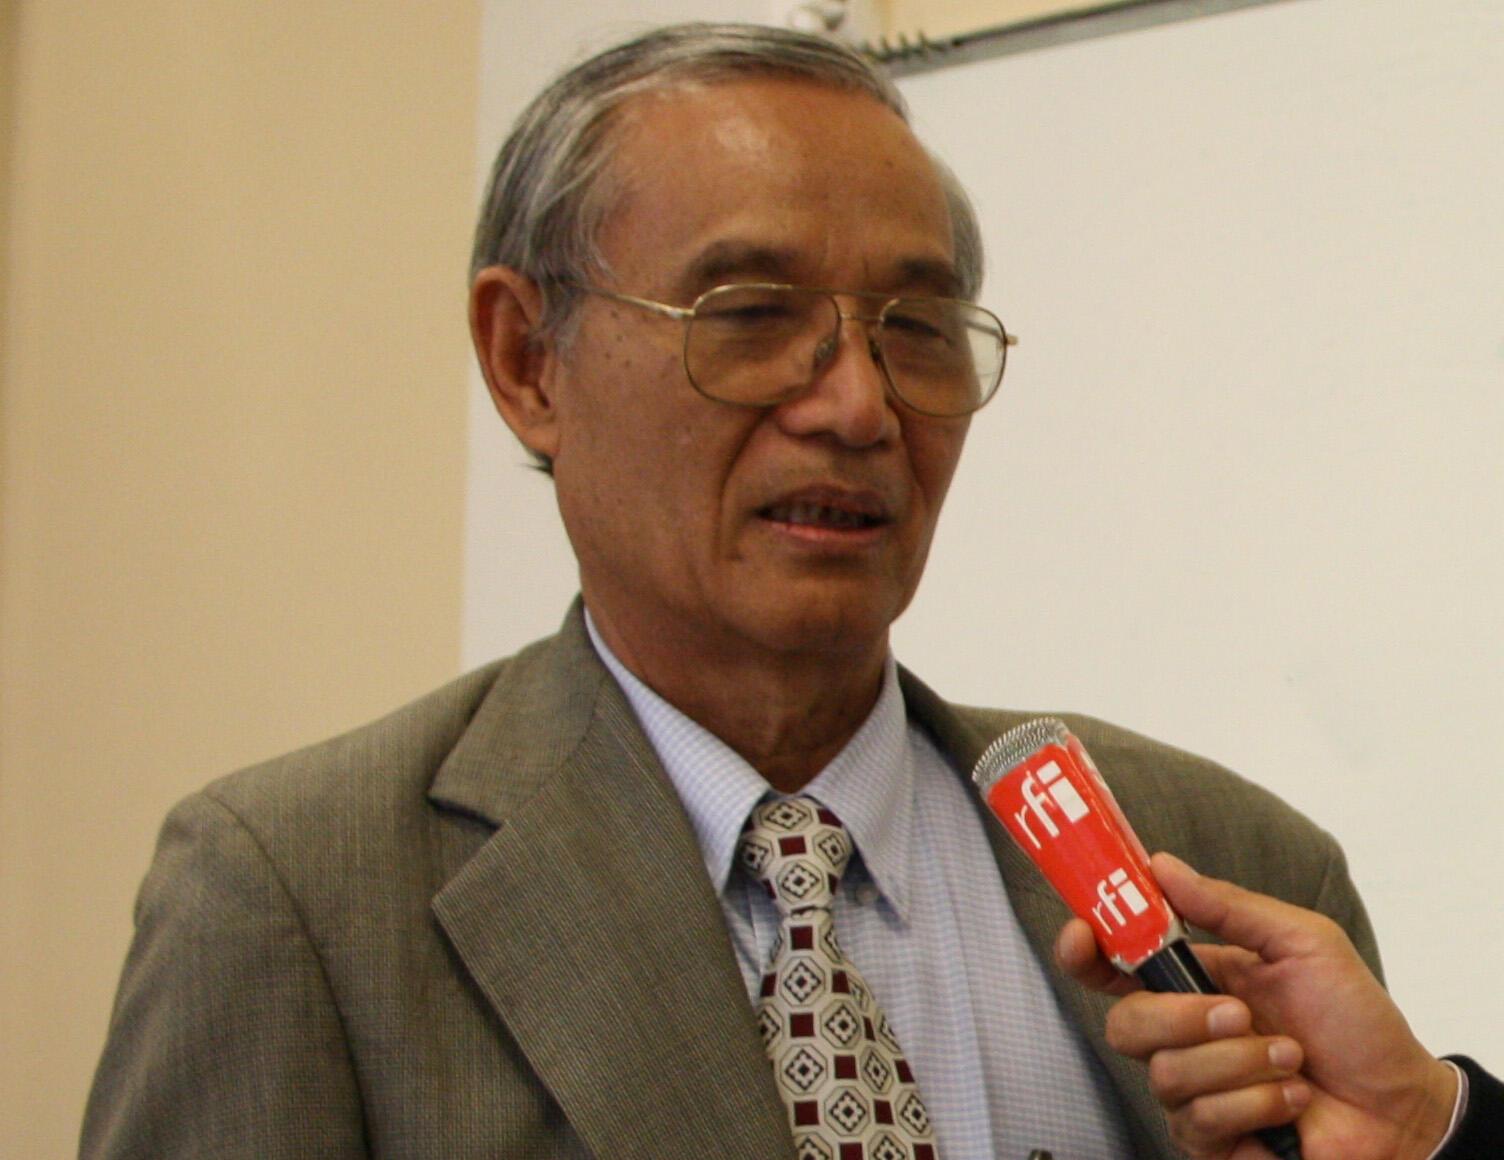 Tiến sĩ Nguyễn Nhã trả lời phỏng vấn RFI ngày 07/09/2013.